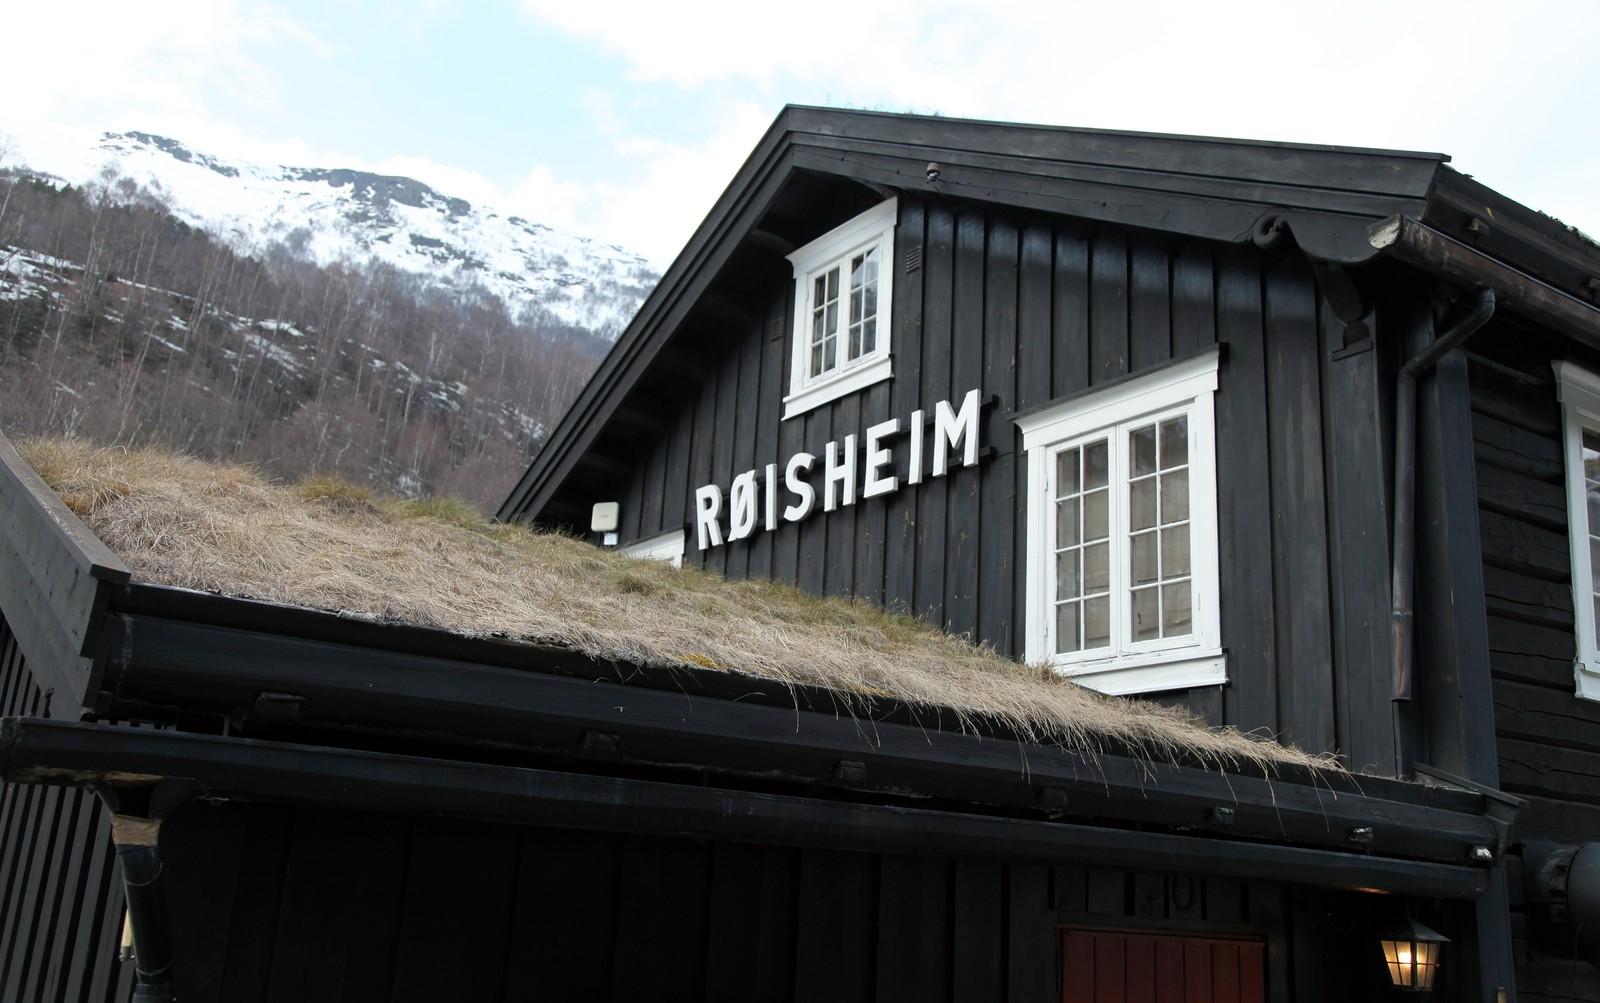 """Det gamle hotellet midt i Bøverdalen har tilbudt mat og hvile til reisende siden de første turistene kom til Norge. Tidligere Kripos-etterforsker, nå lensmann i Lom, Sylfest Seljestad i """"Død manns kiste"""" tar inn her."""